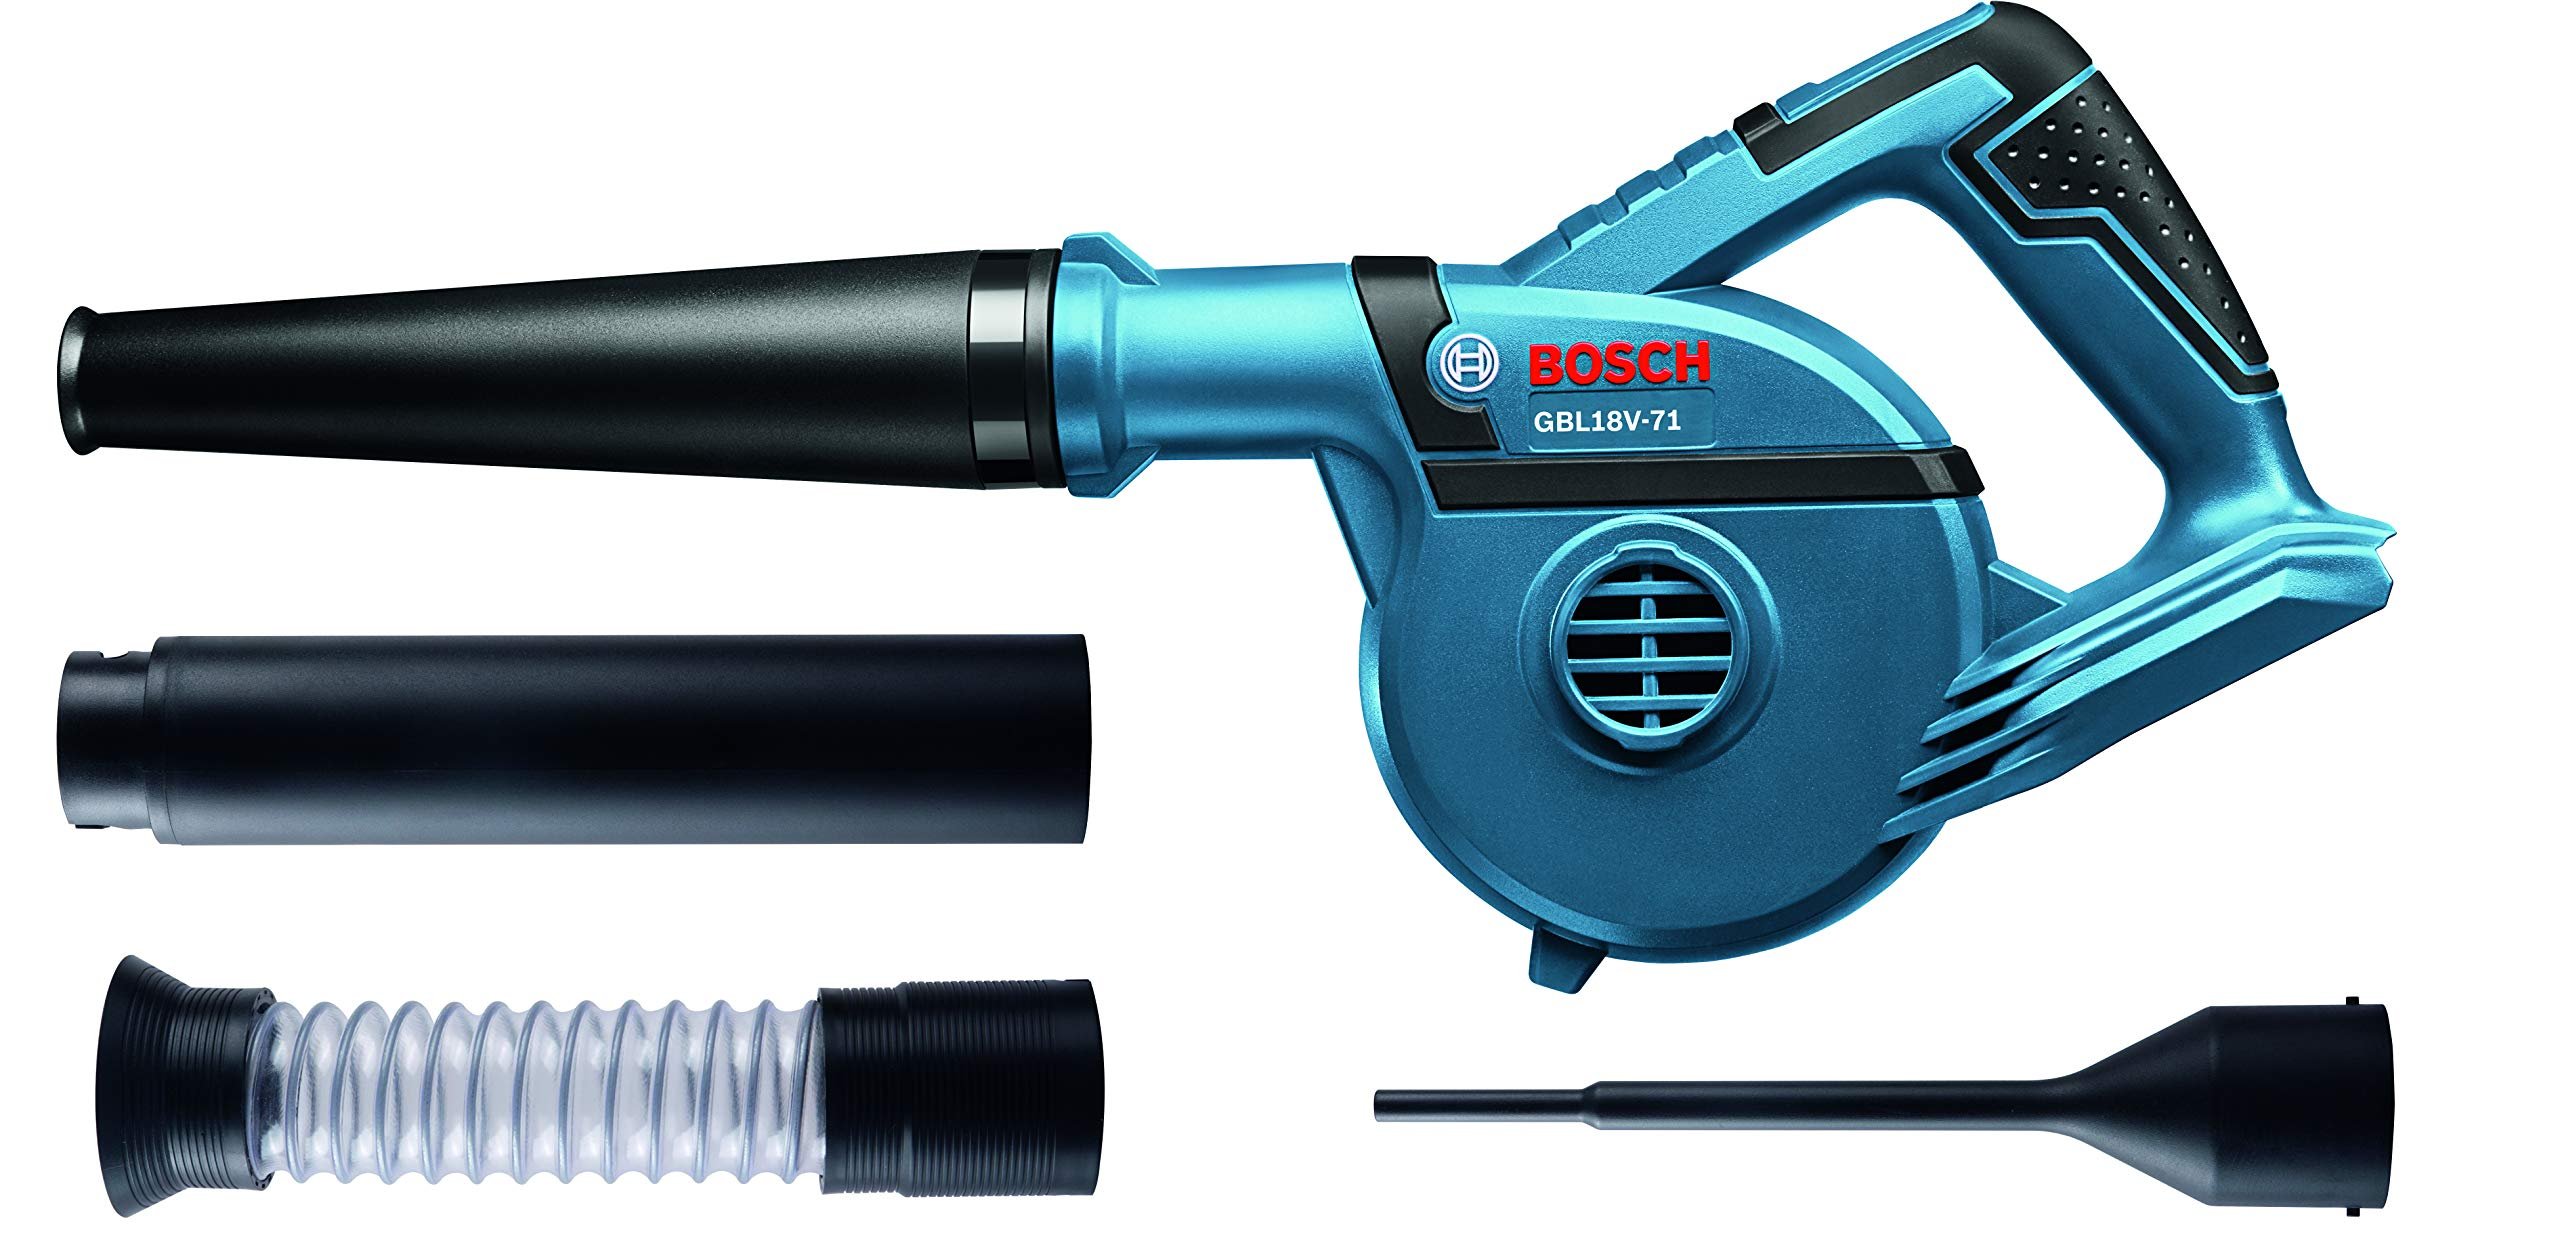 Bosch GBL18V-71N 18V Cordless Blower (Bare Tool)